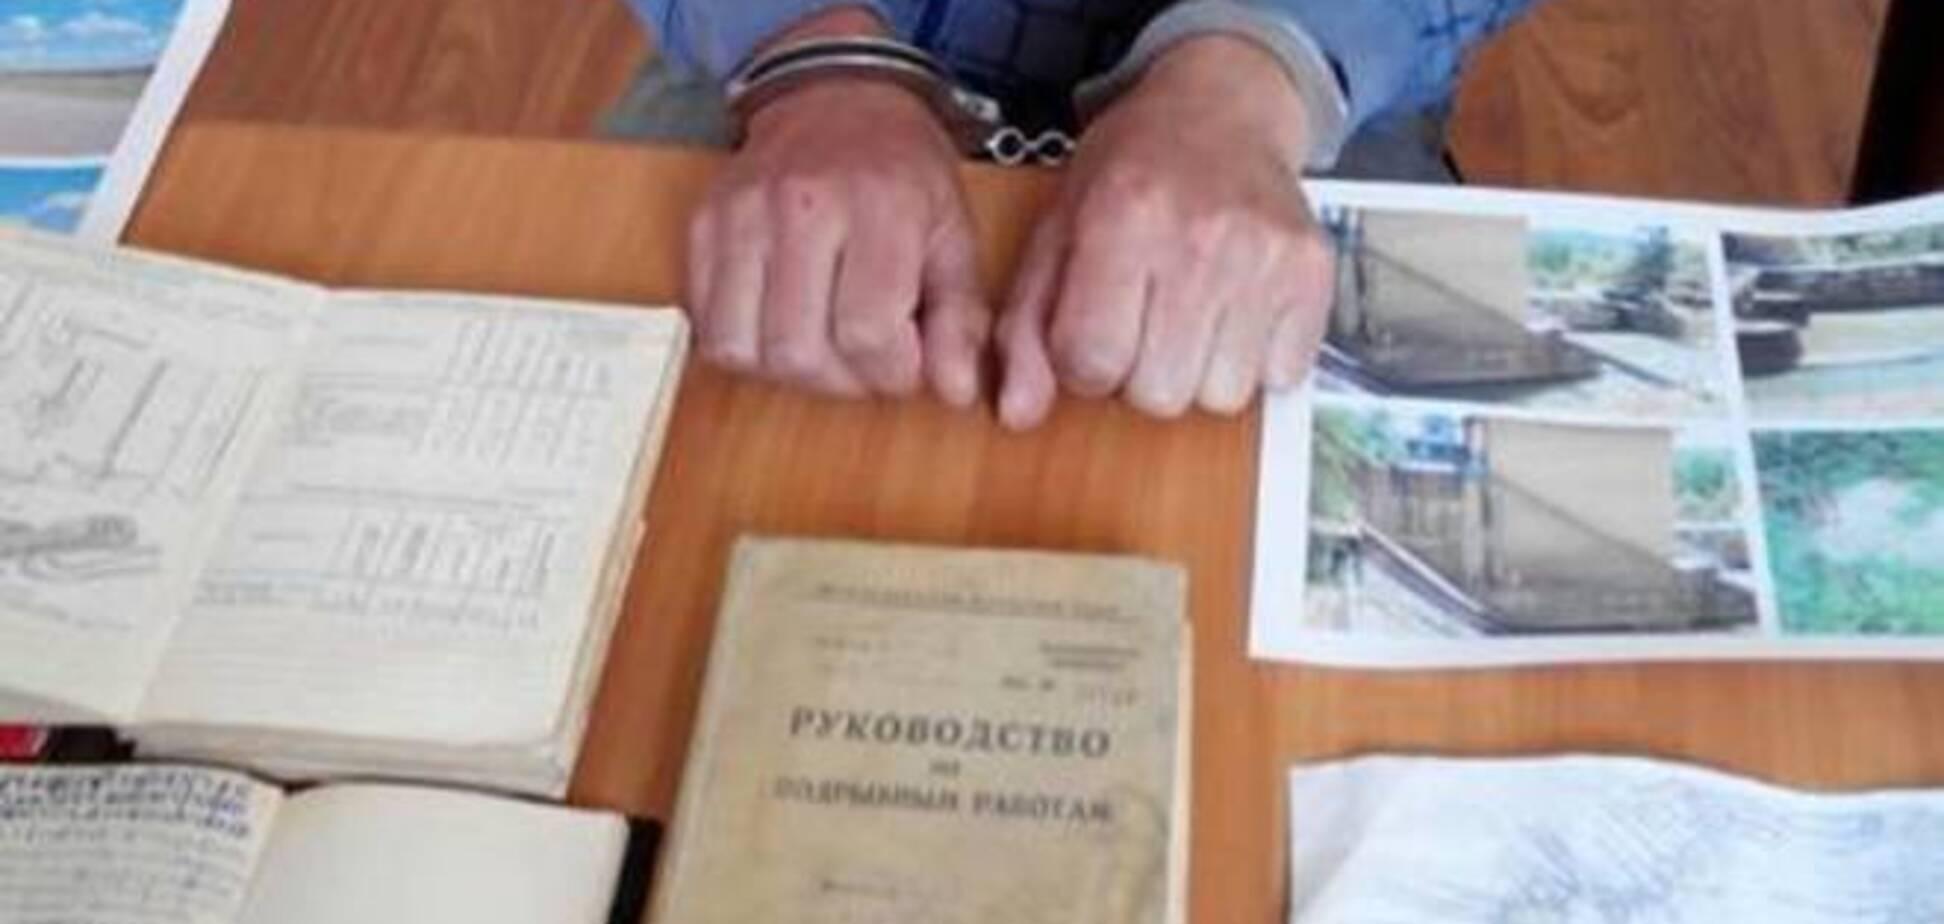 Задержан диверсант, готовящий взрывы в аэропорту 'Ужгород'